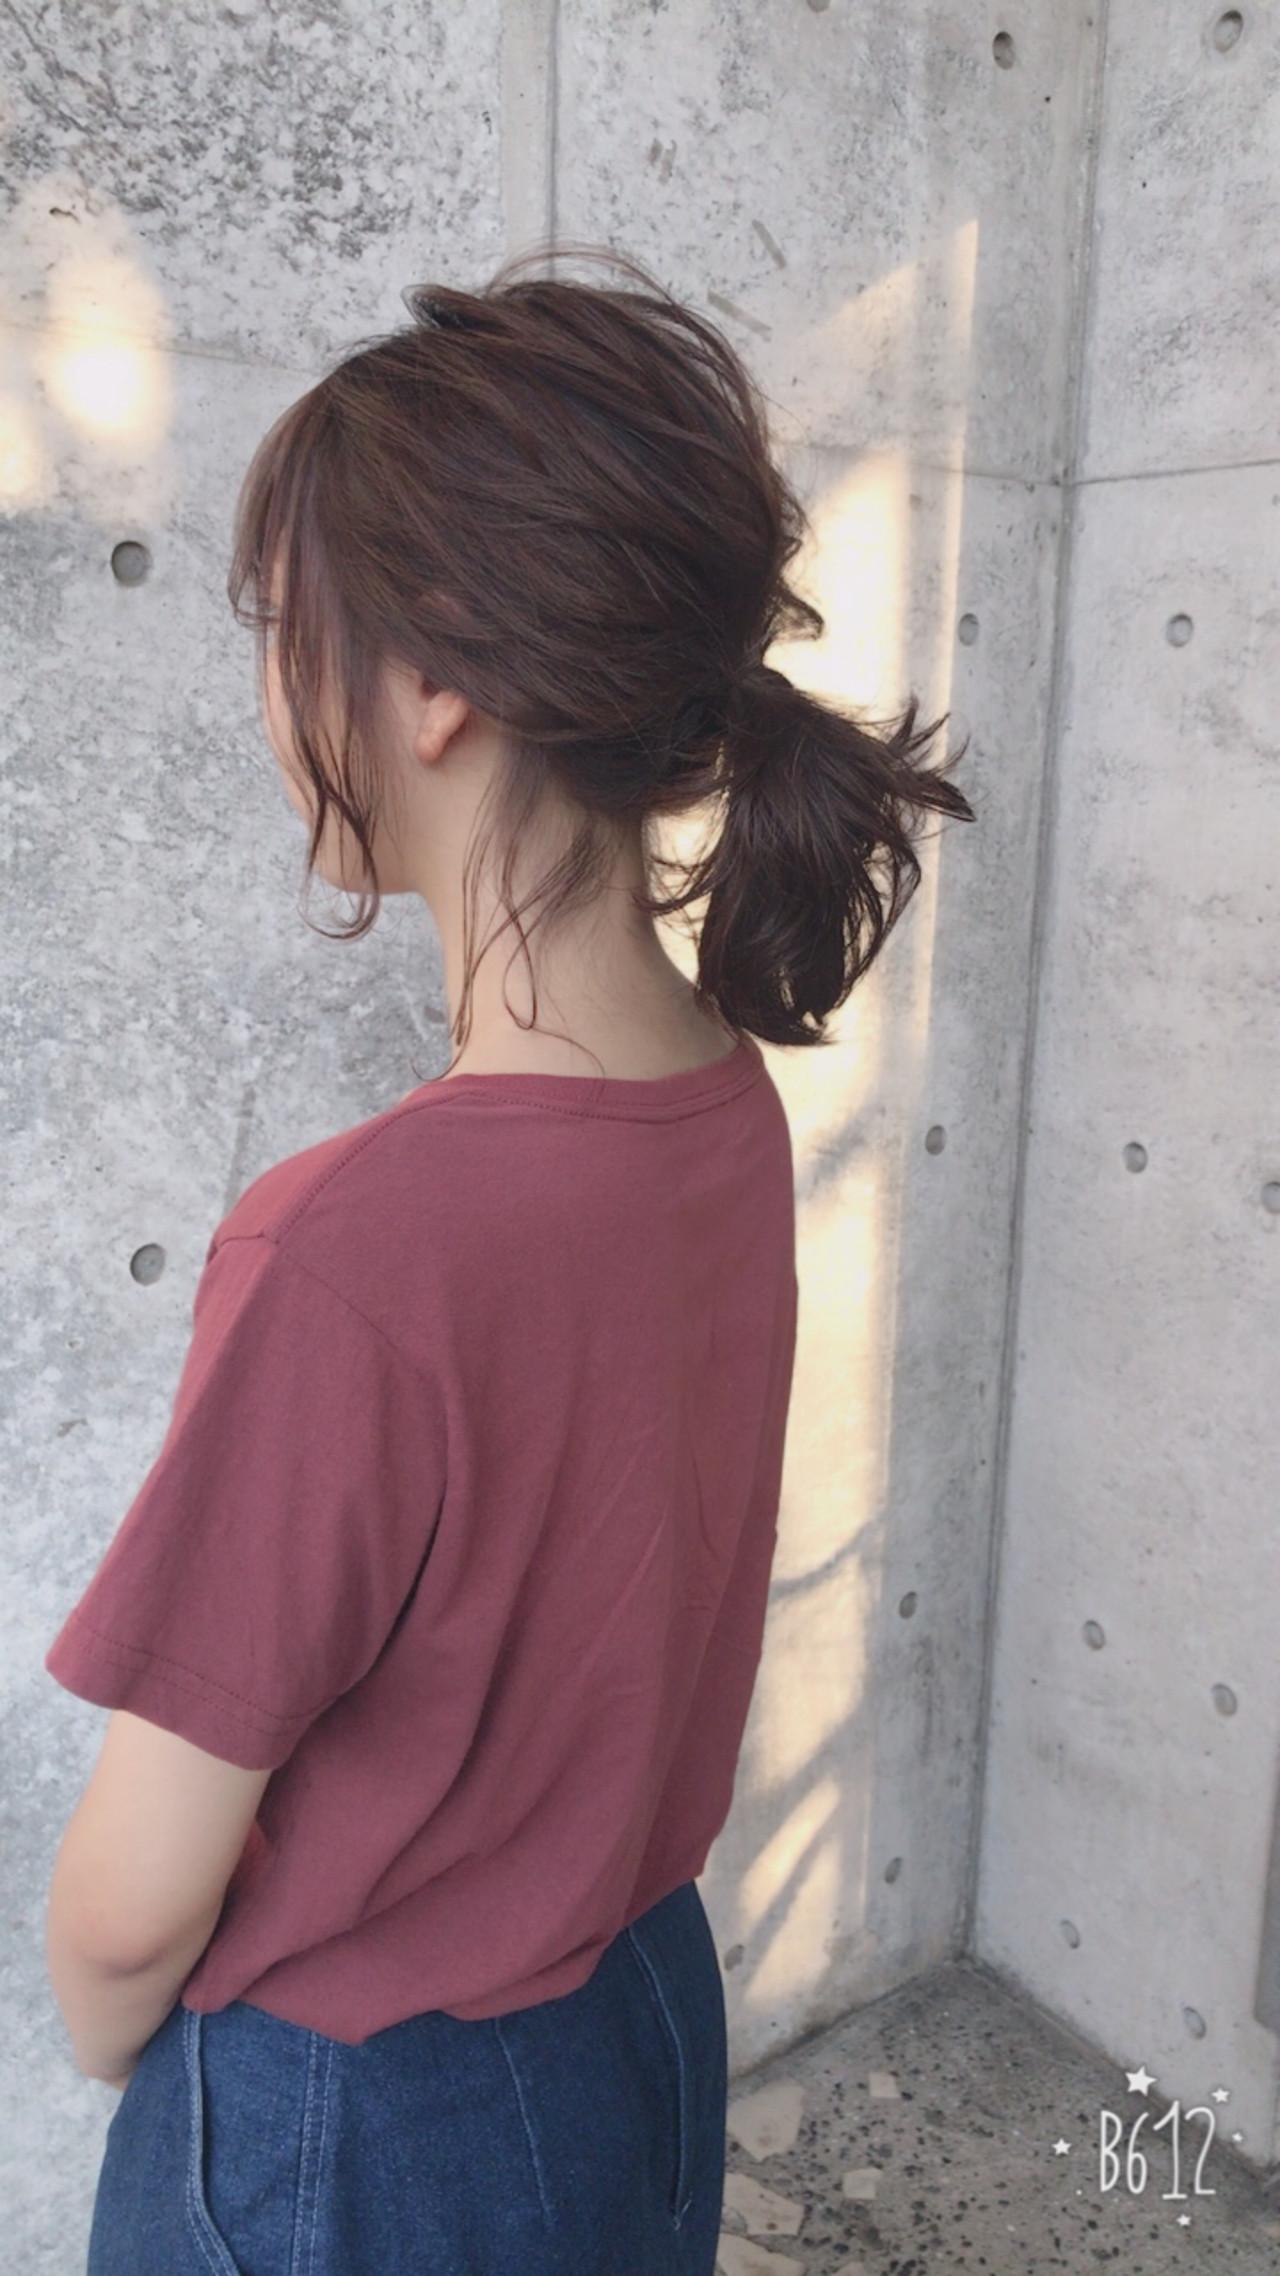 透明感 ヘアアレンジ ナチュラル おフェロ ヘアスタイルや髪型の写真・画像